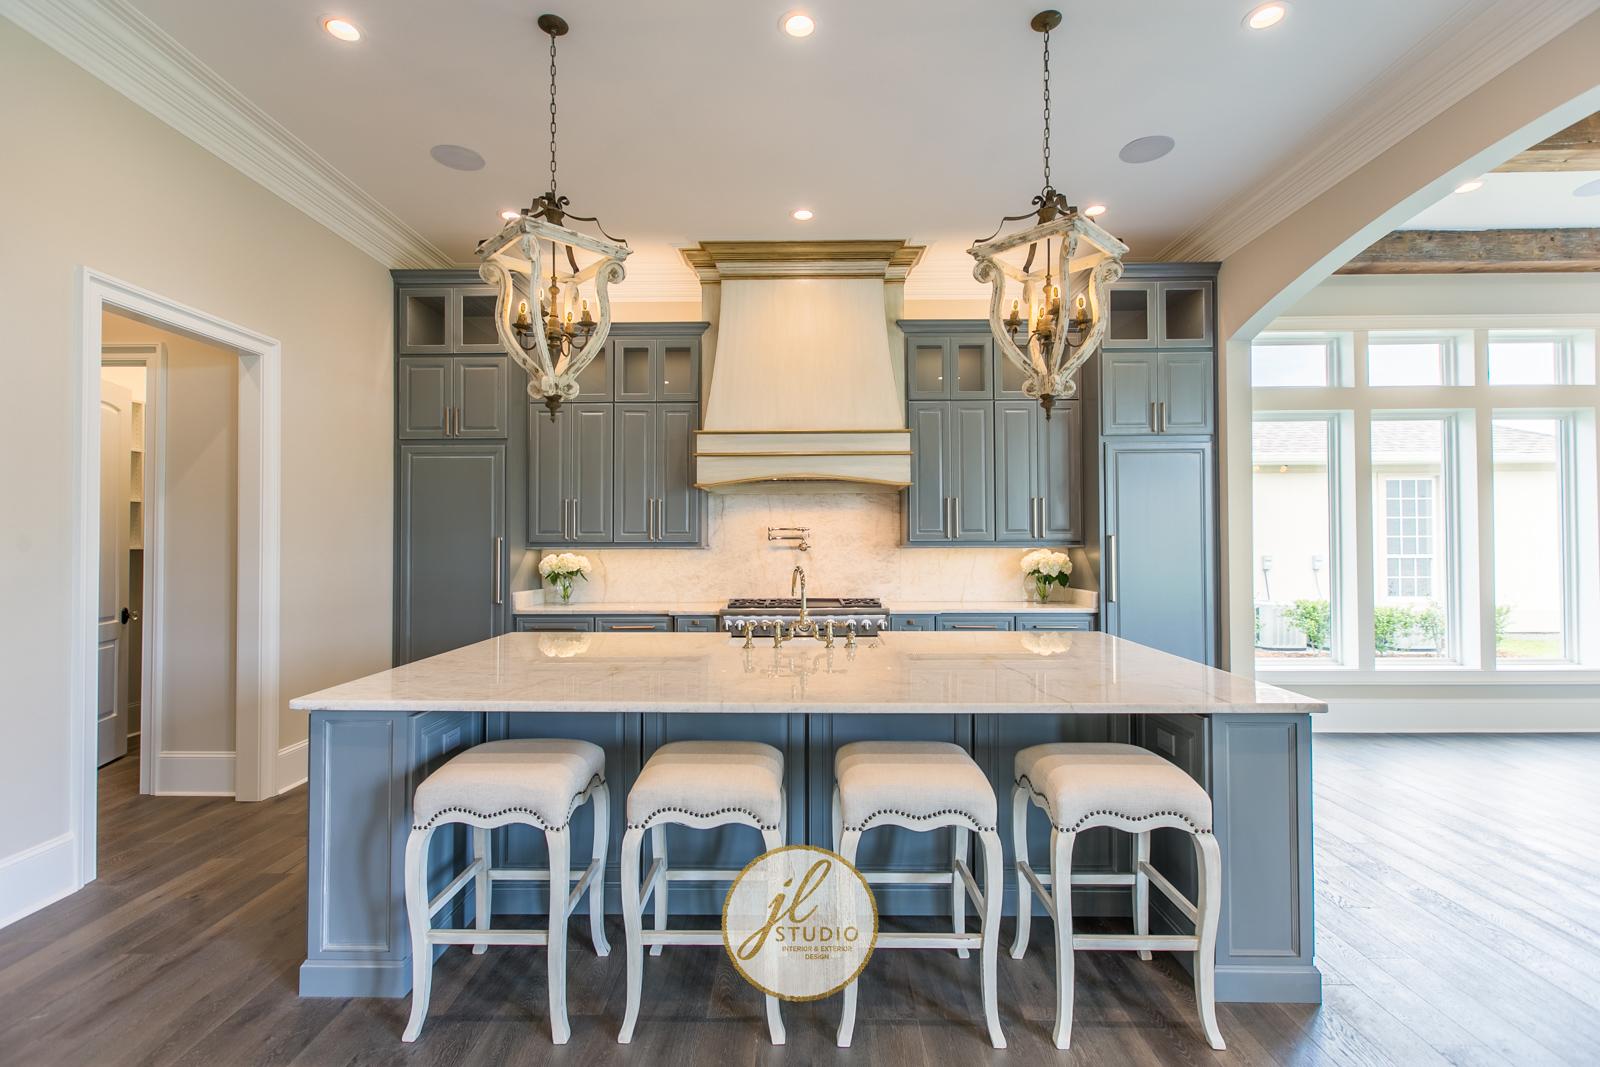 Kitchen designed by JL Studio